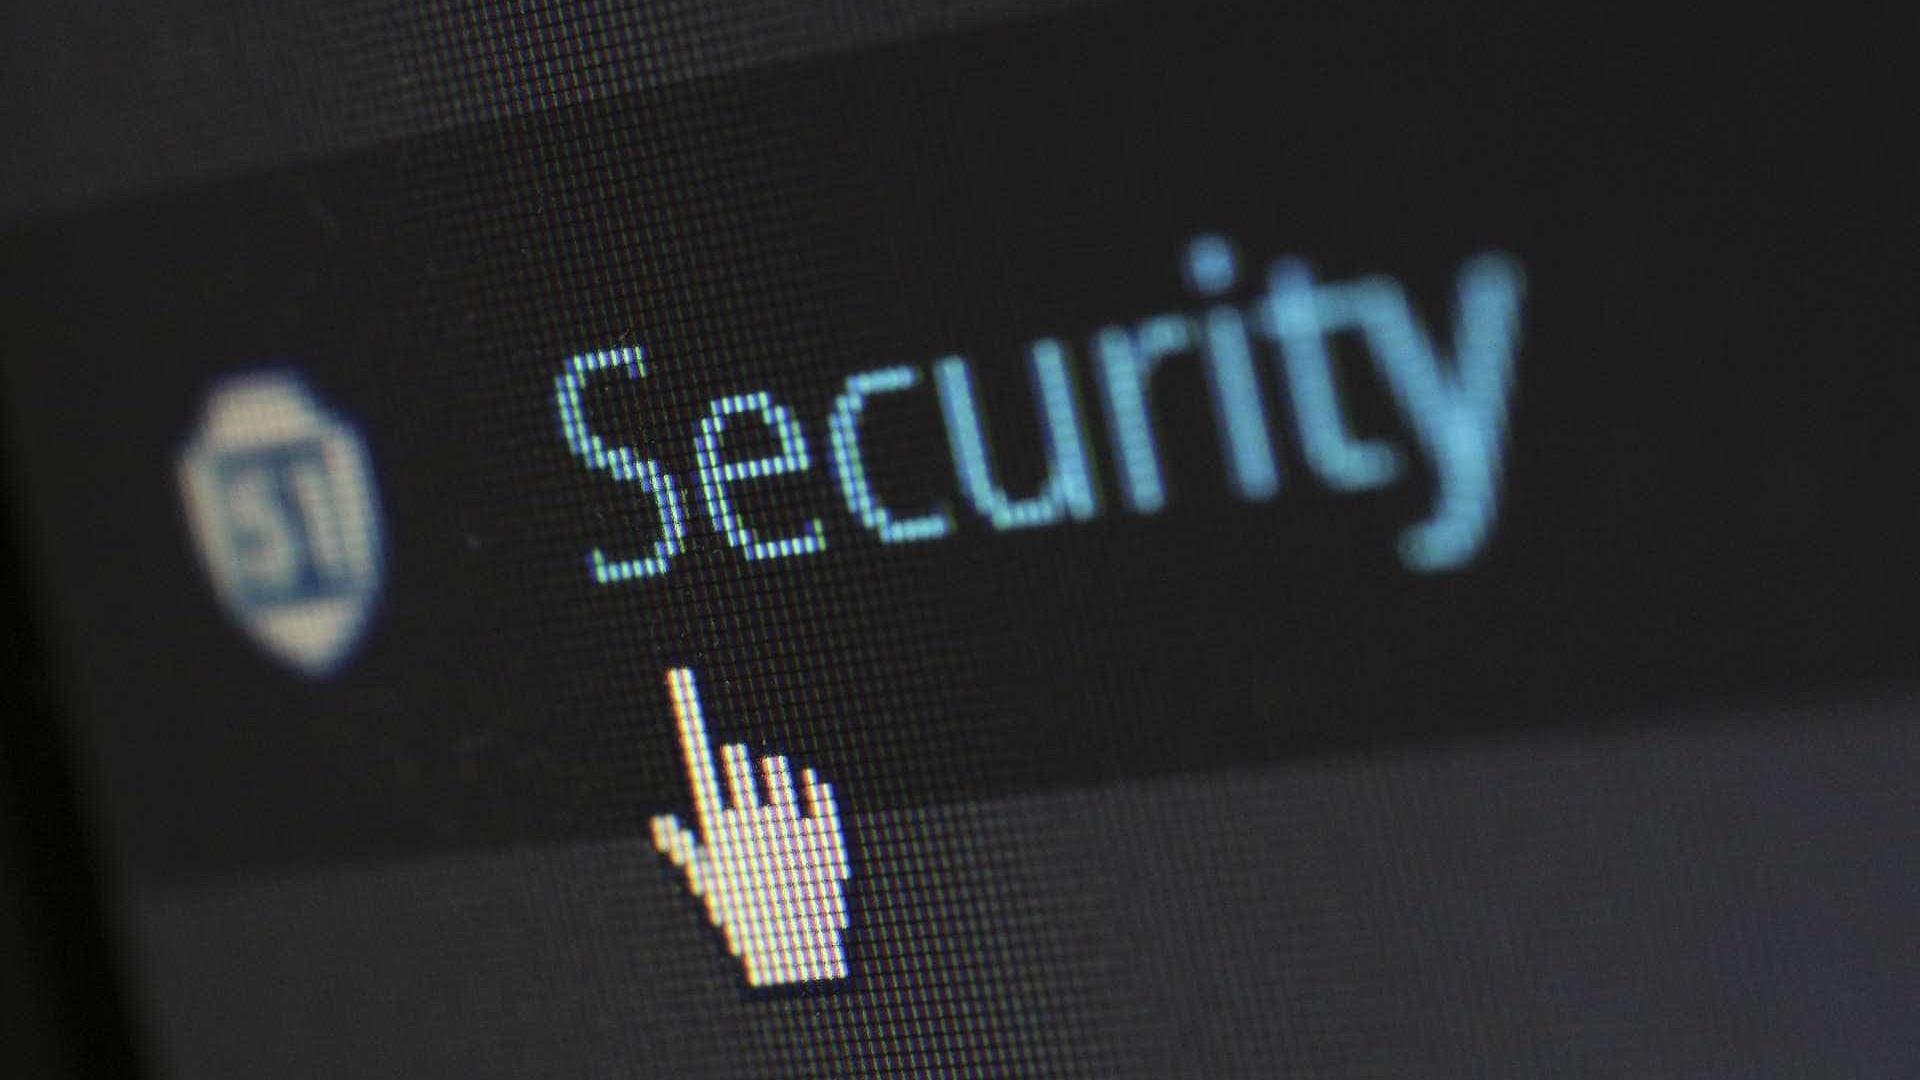 Encurtador de links reduz segurança do internauta,  diz estudo